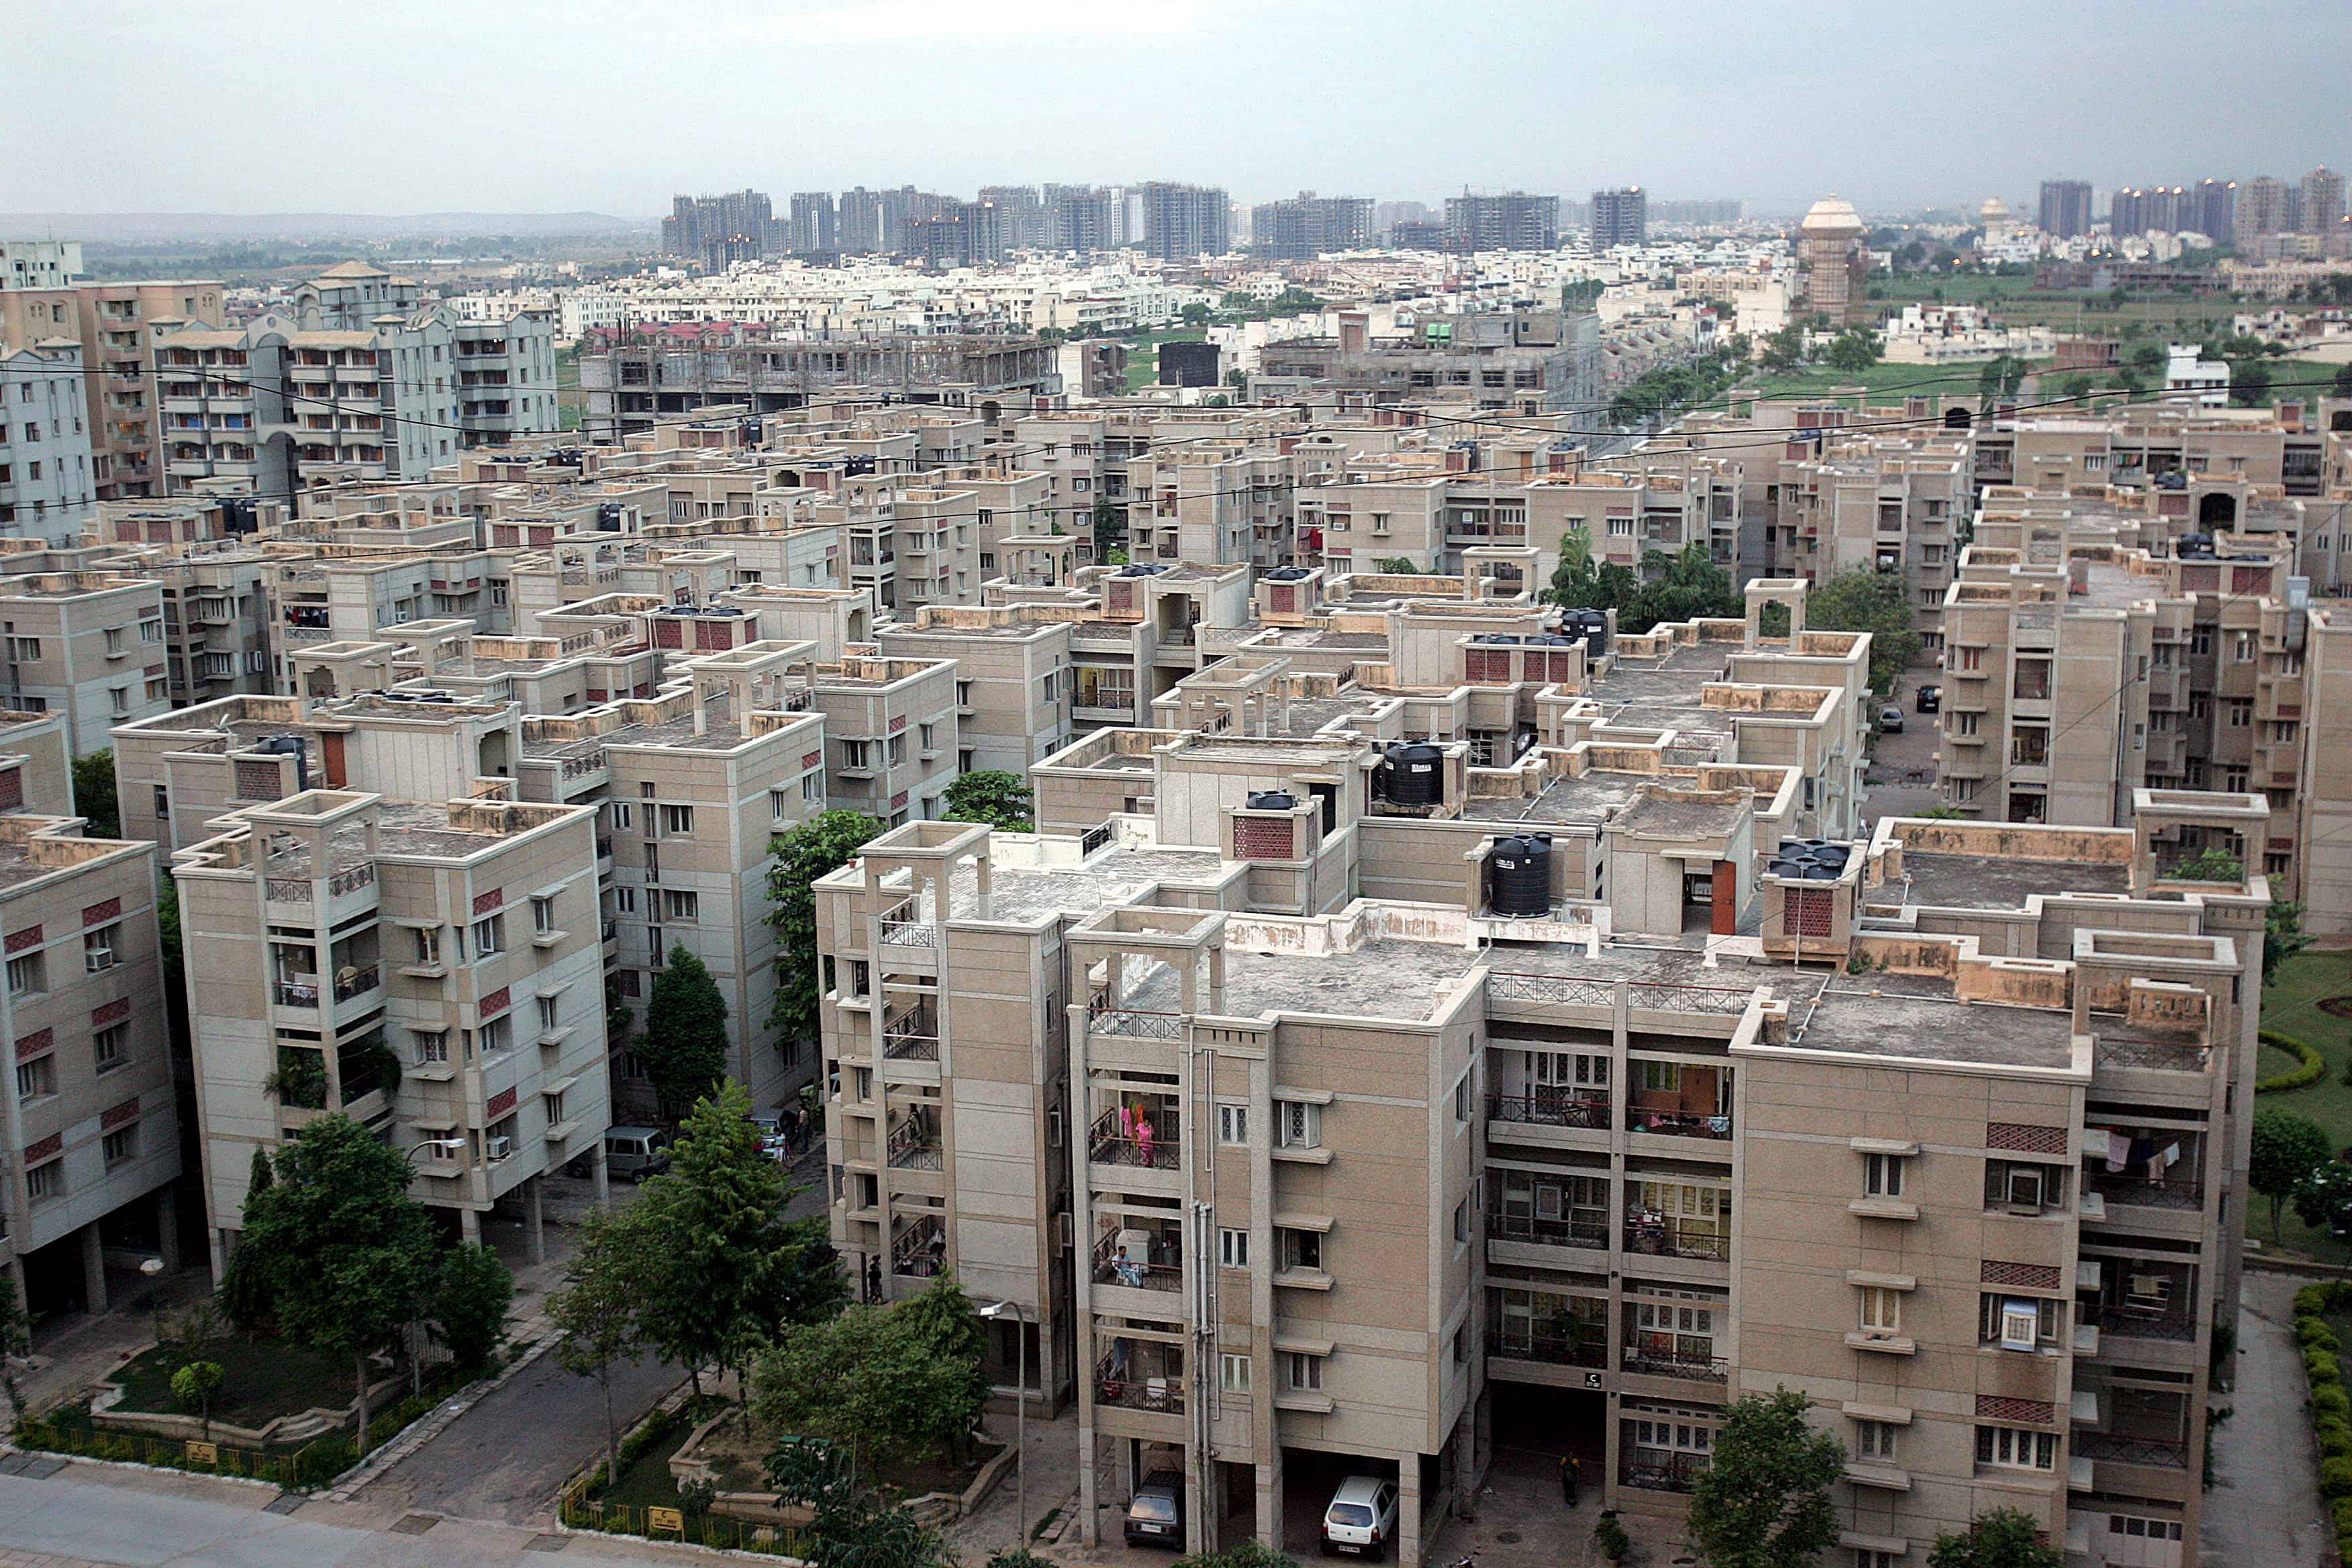 Een luchtbeeld van flatgebouwen in India.